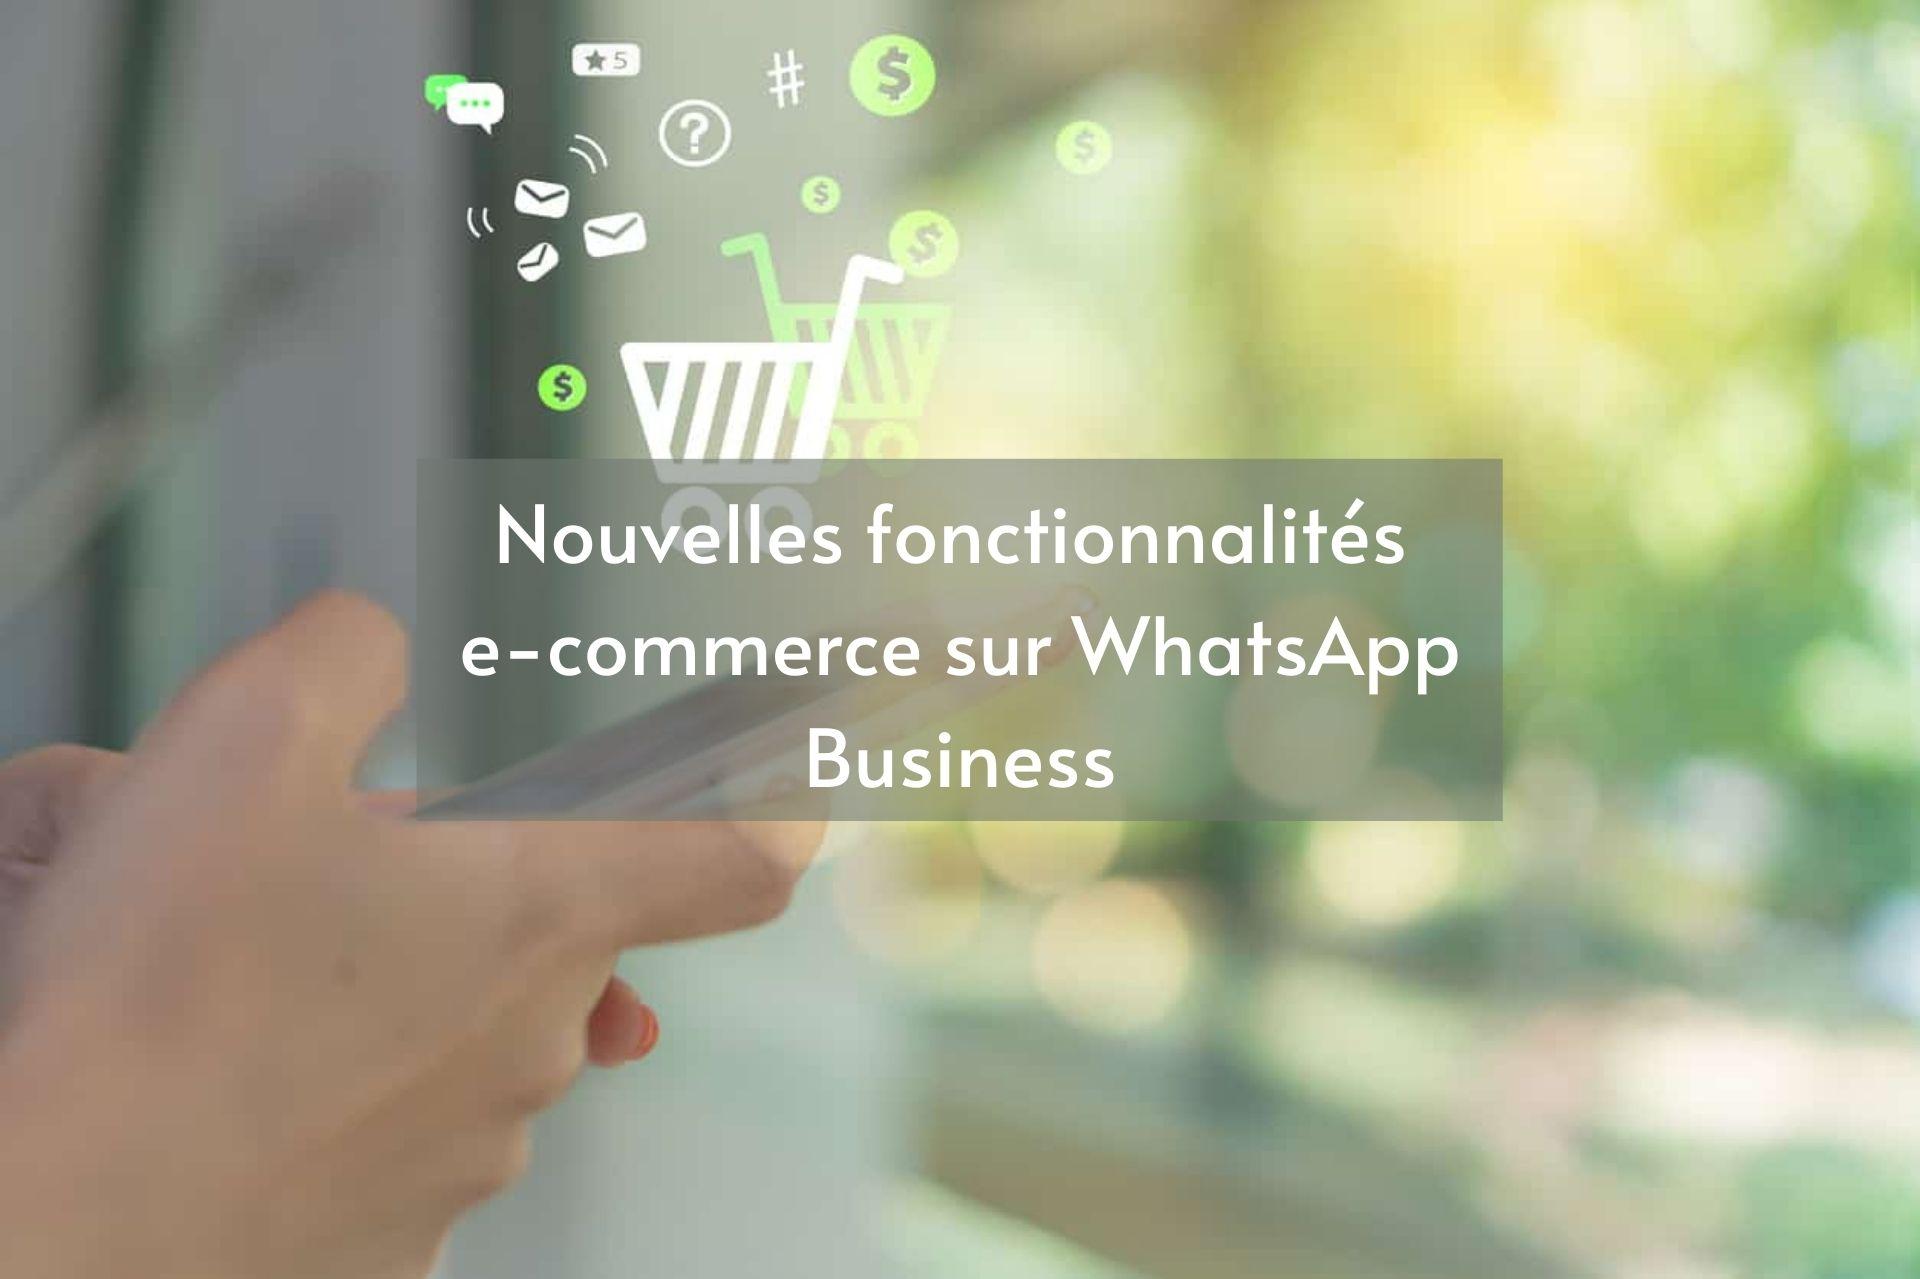 nouvelles fonctionnalités e-commerce - Web Marketing